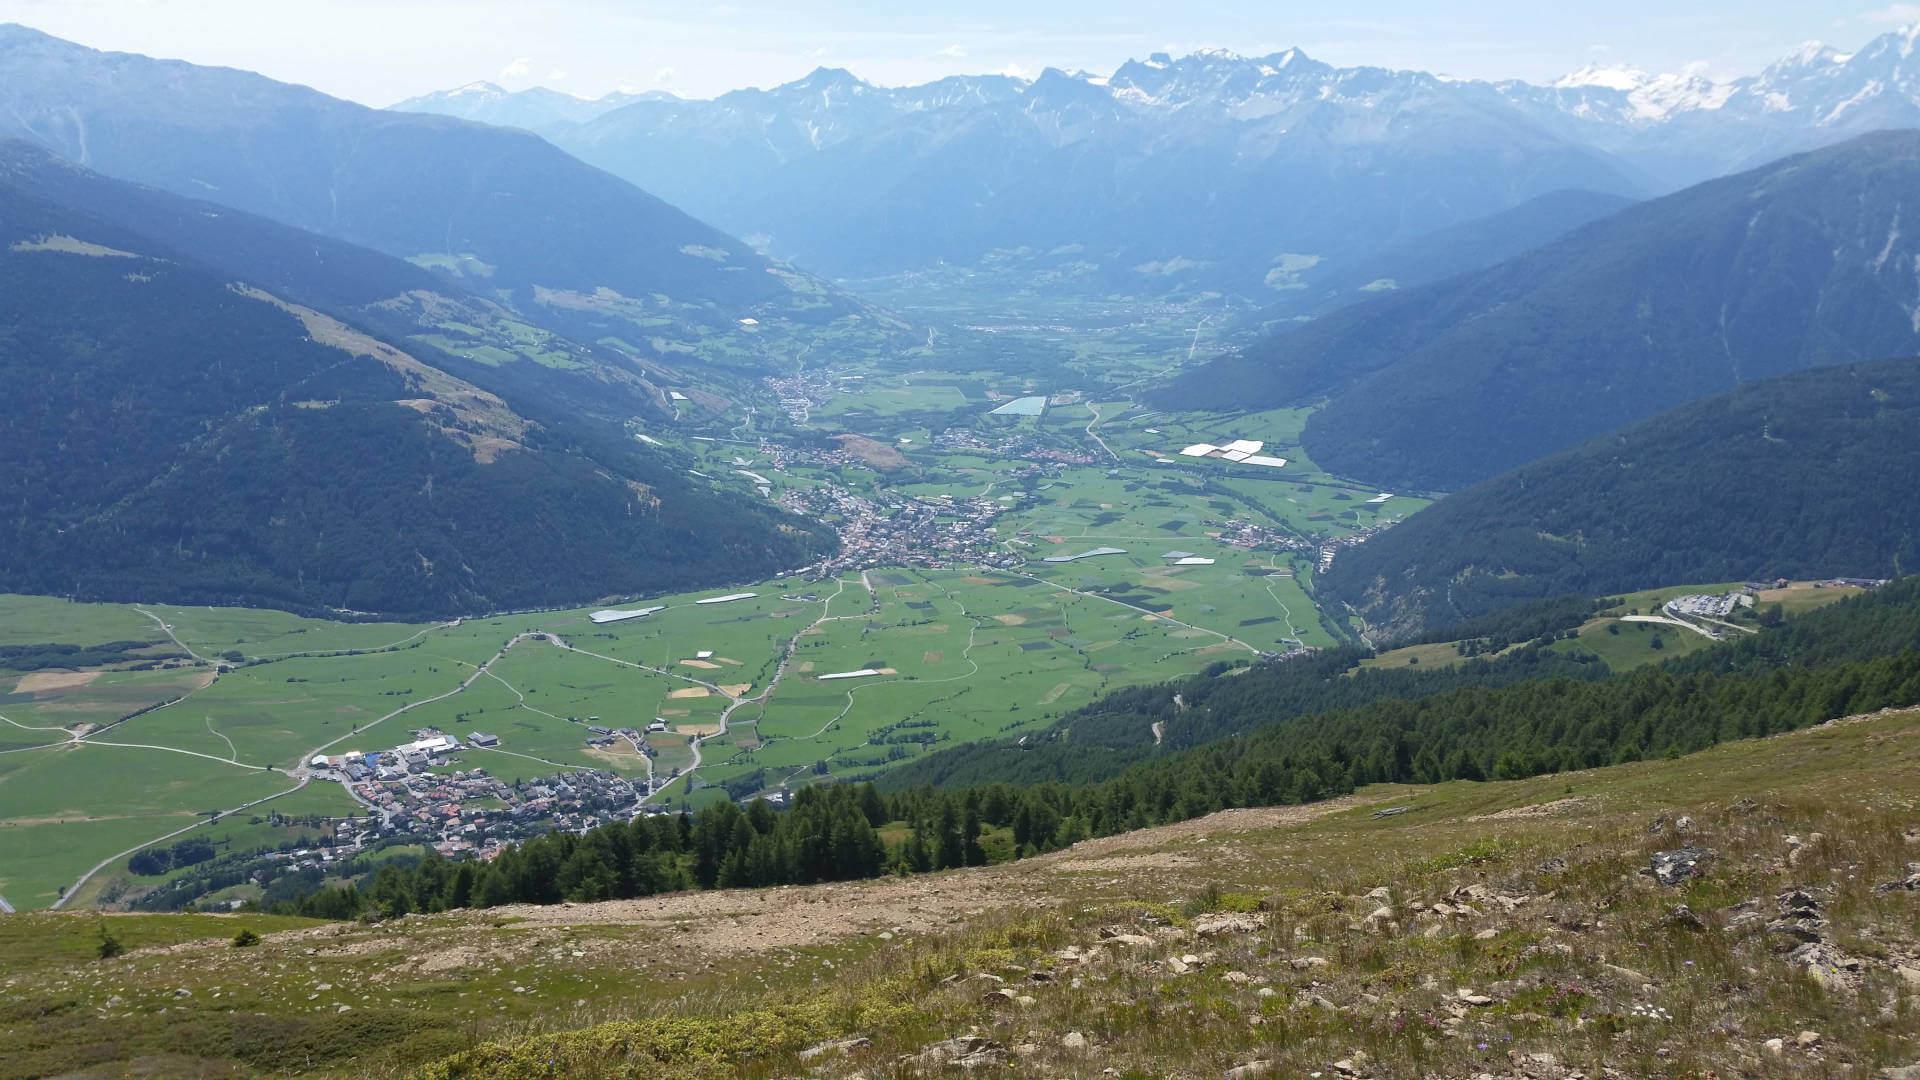 Wandern im Vinschgau in Südtirol - Blick ins Tal